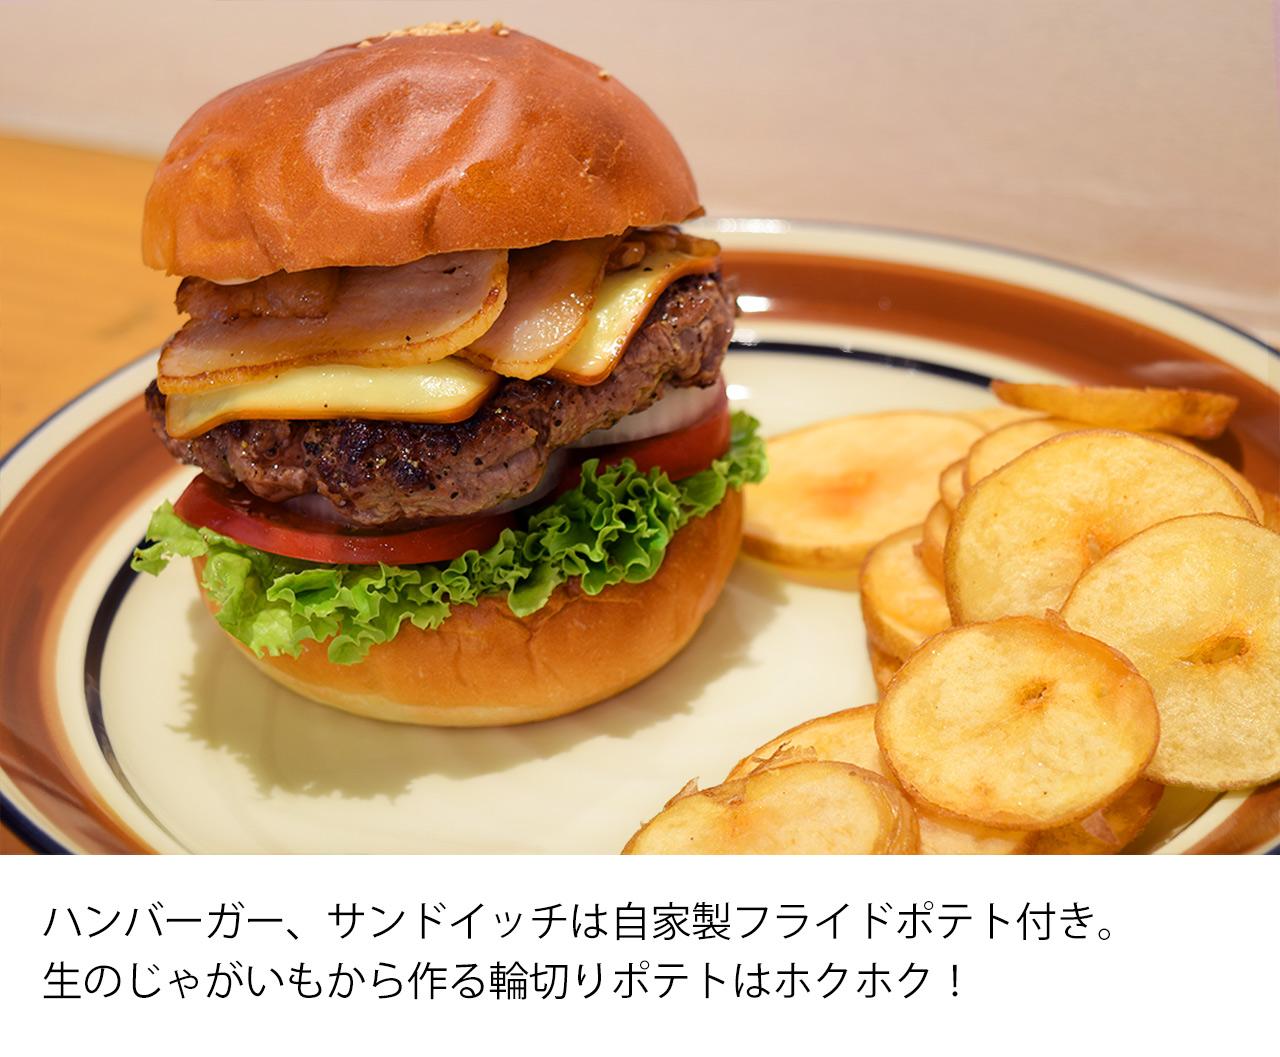 ハンバーガー、サンドイッチは自家製フライドポテト付き。生のじゃがいもから作る輪切りポテトはホクホク!